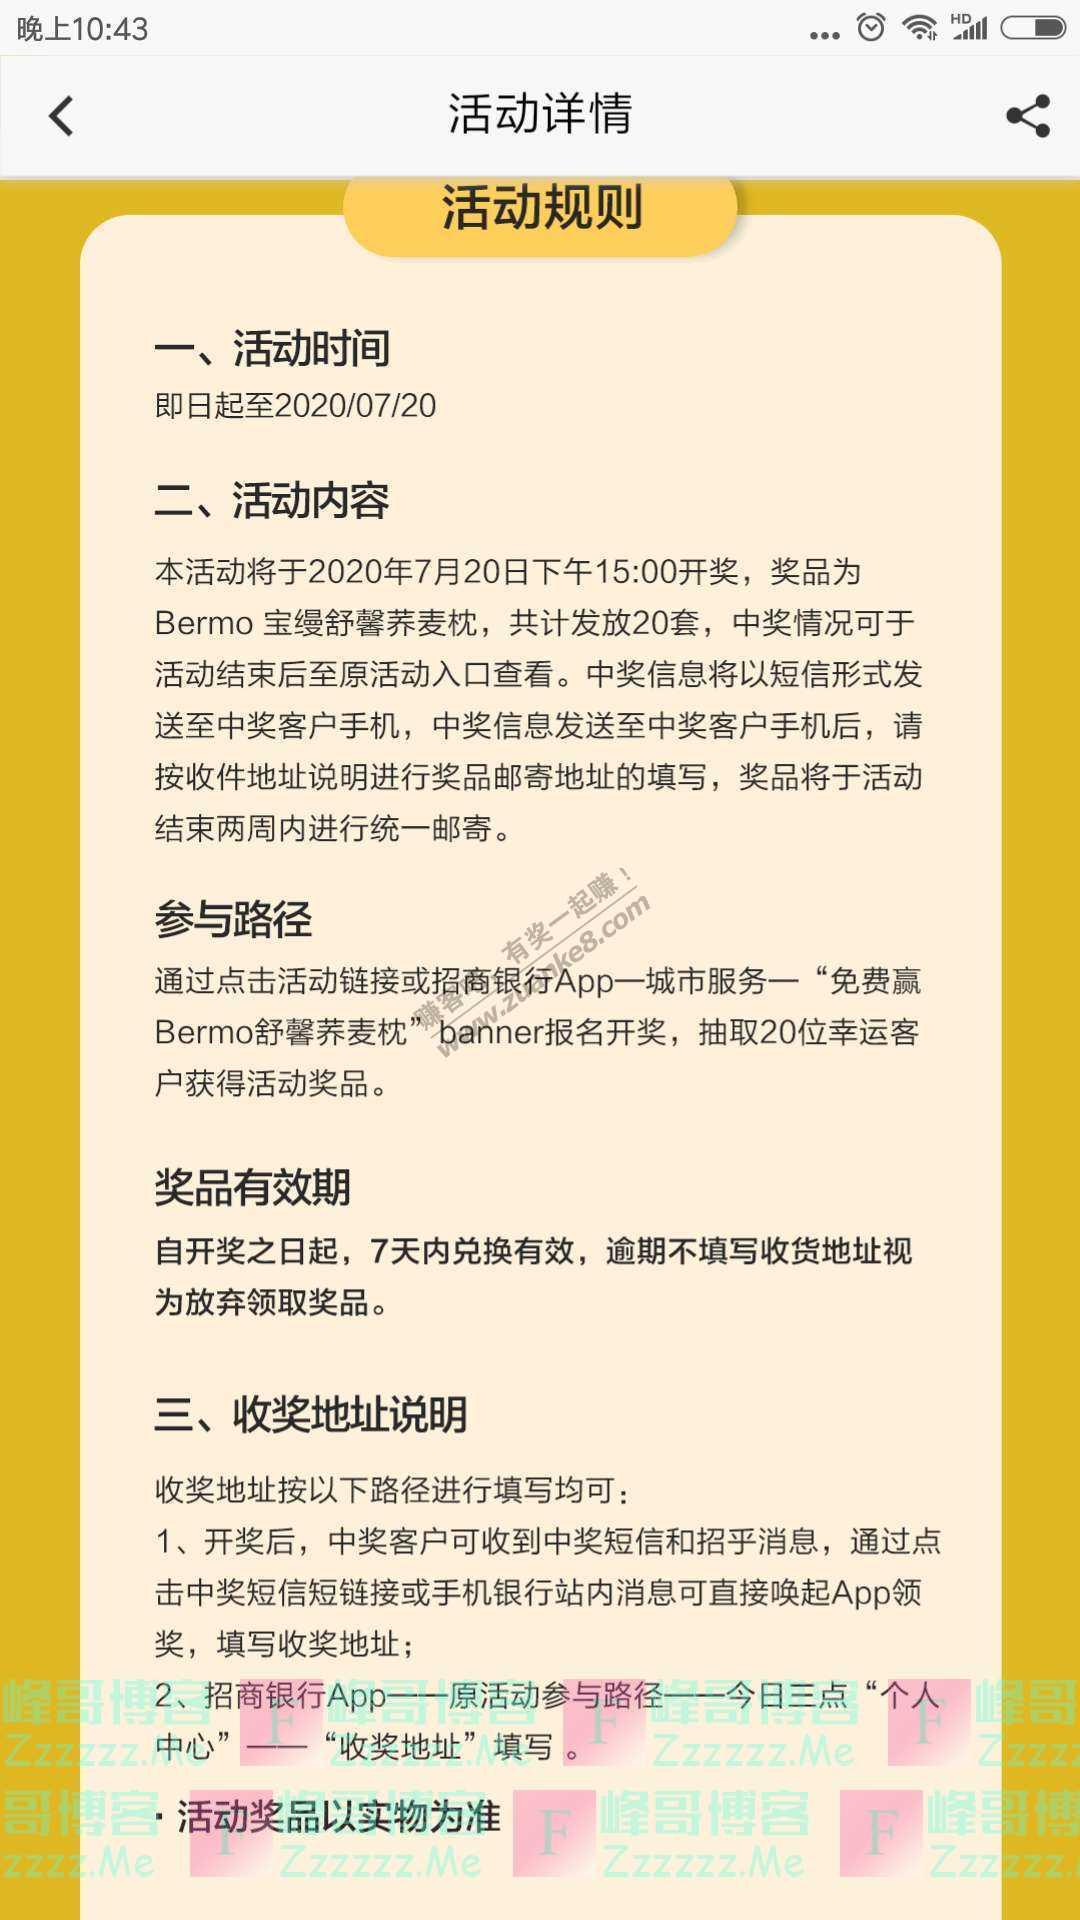 招商银行app20套Bermo荞麦枕,等您领取(截止7月20日)